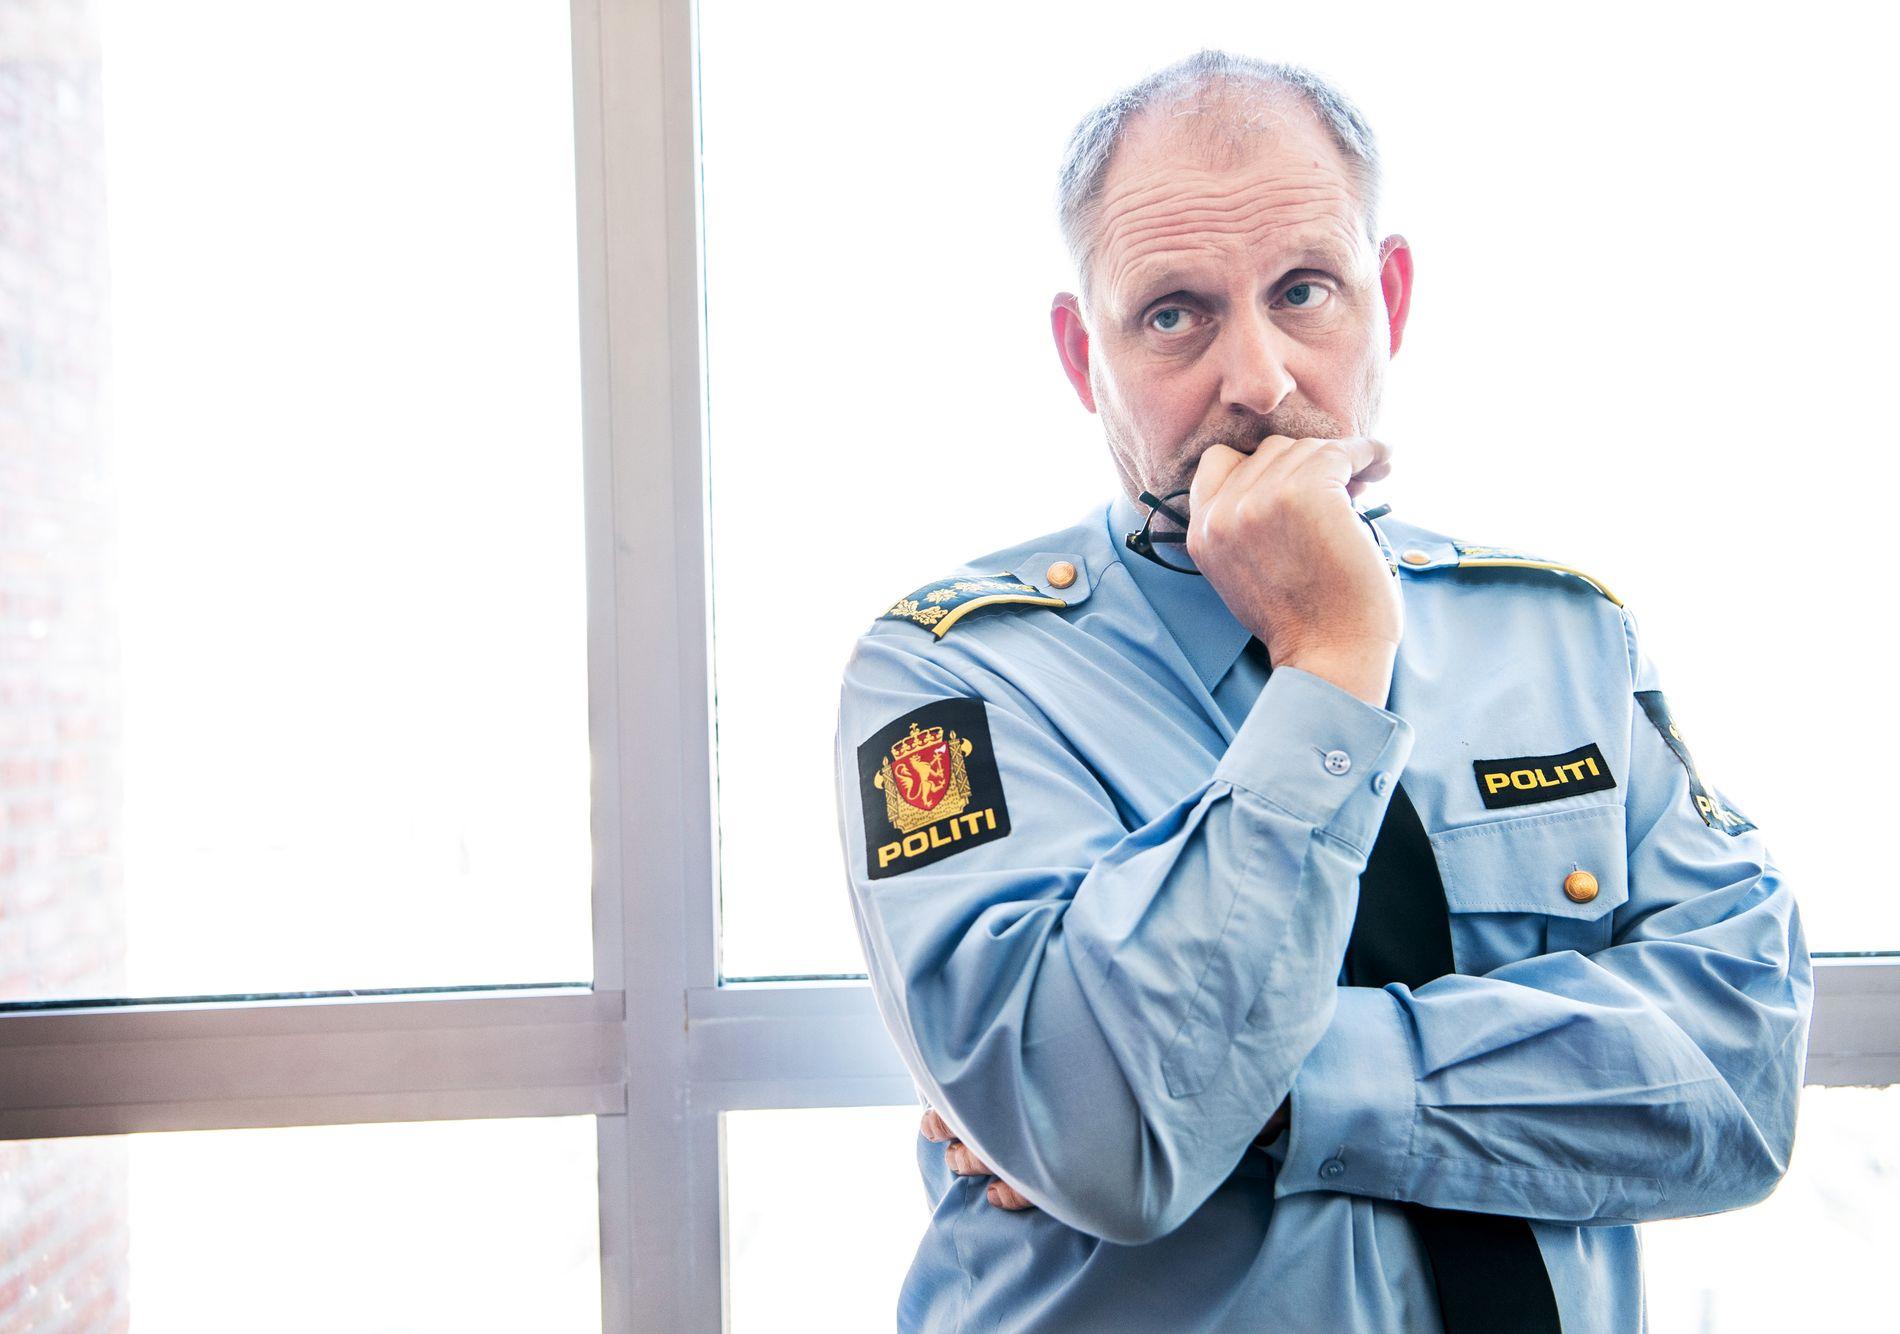 ETTERFORSKNINGSLEDER: Politiinspektør Tommy Brøske leder politiet jakt på hva som har skjedd med 68 år gamle Anne Elisabeth Hagen.